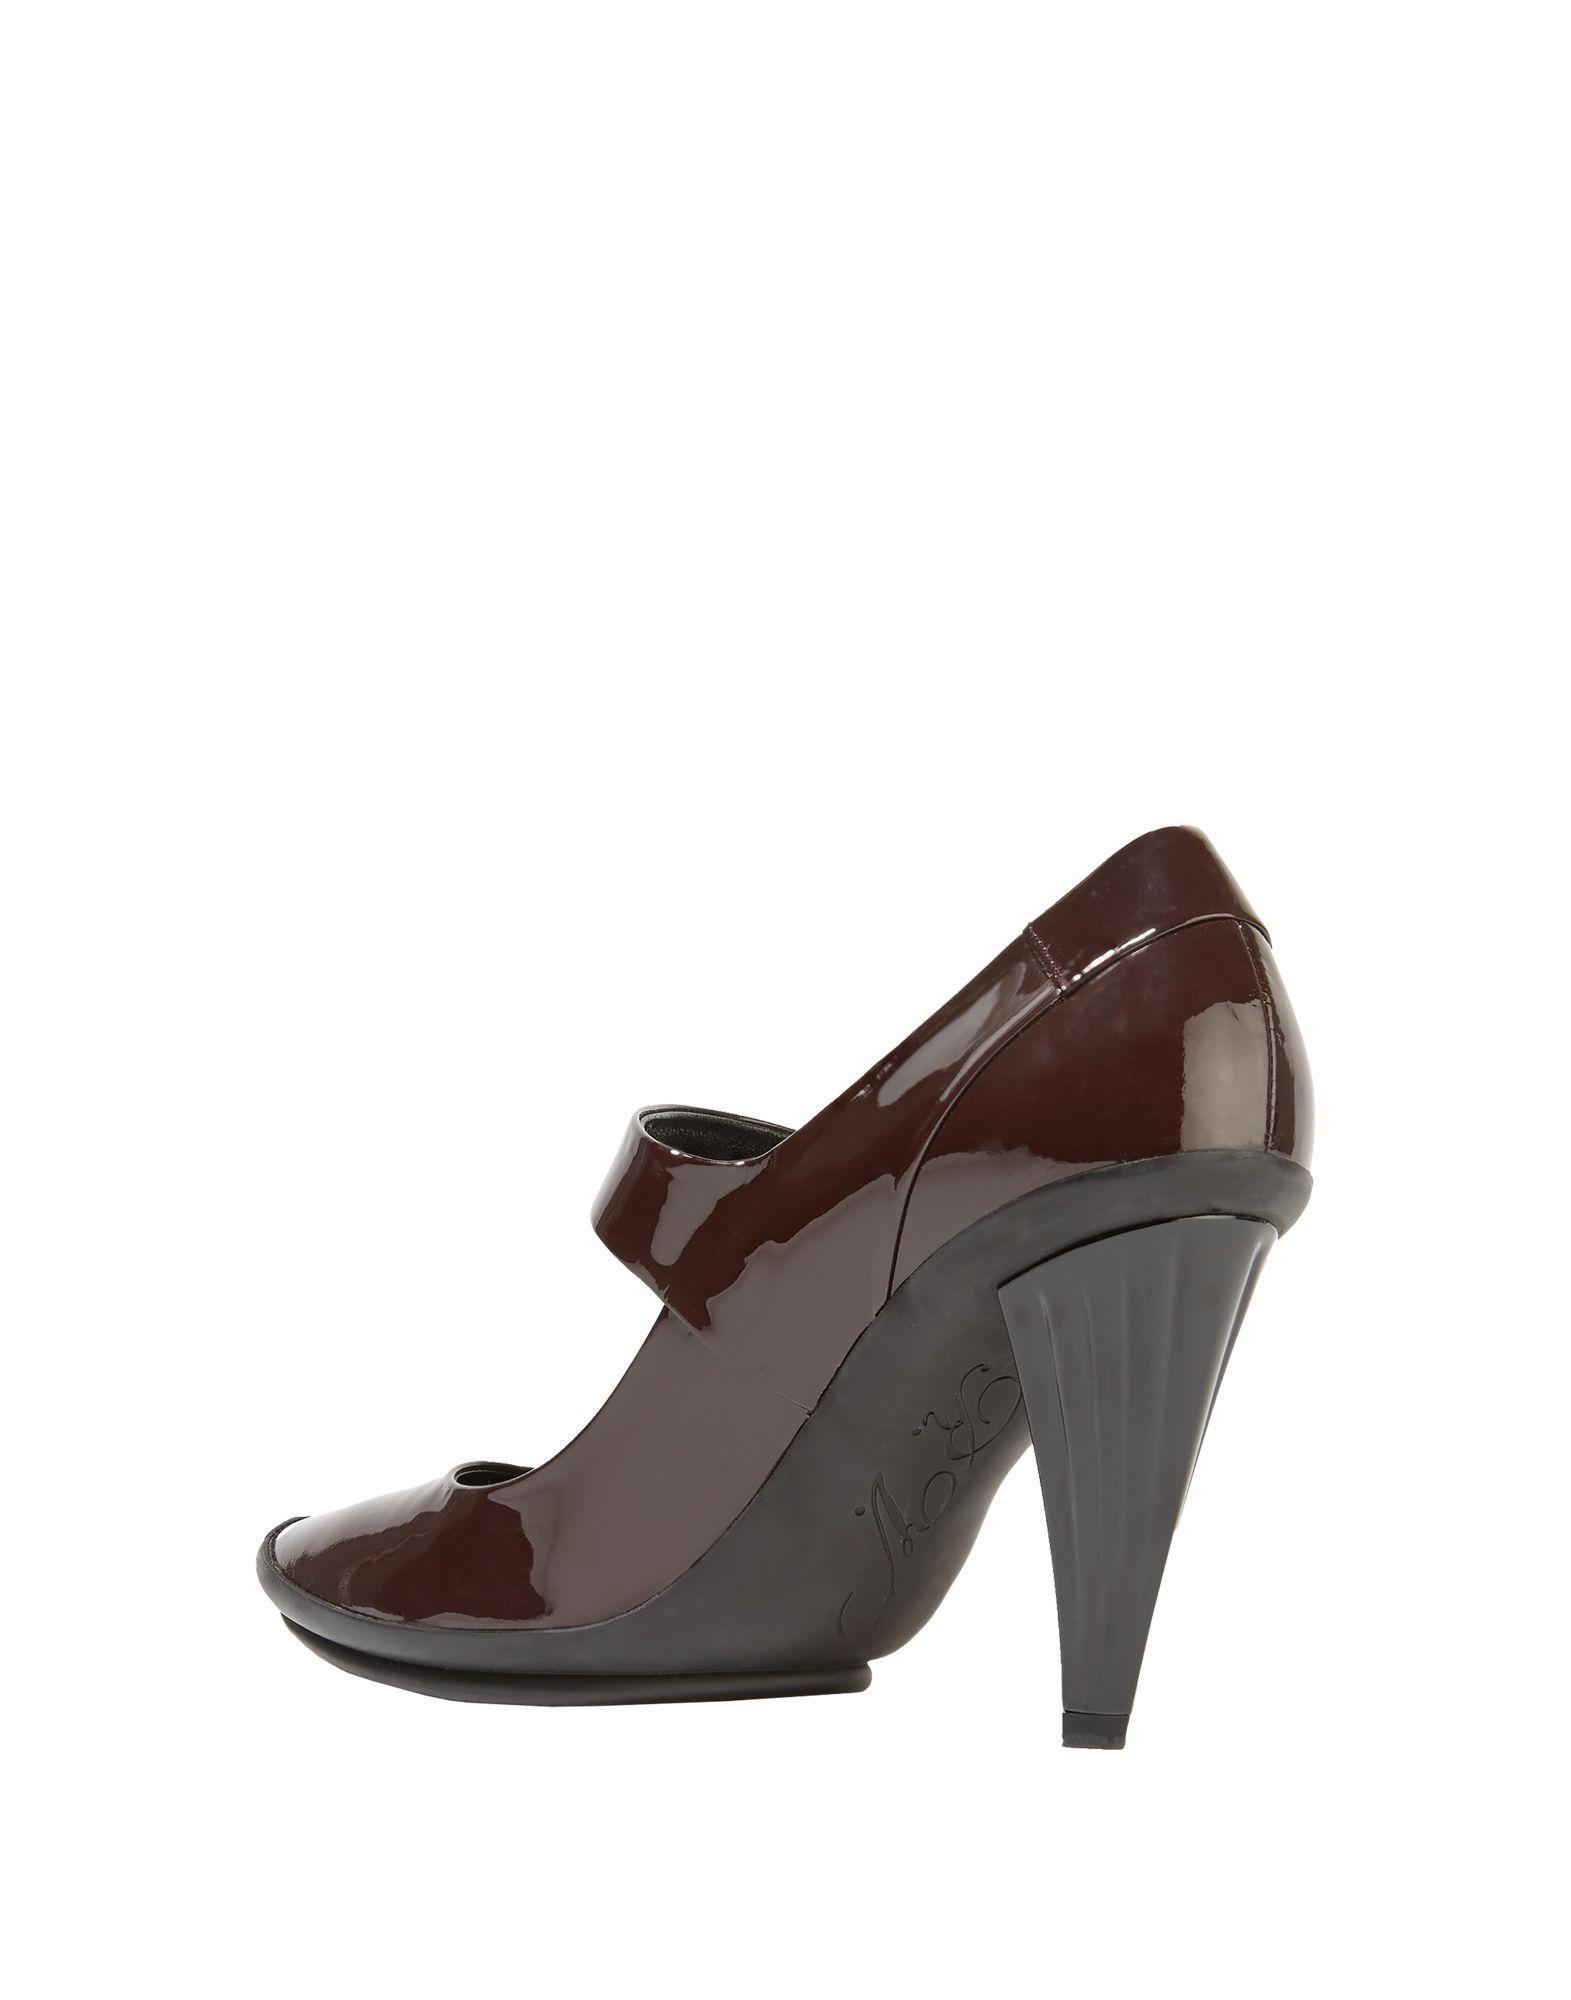 Zapatos de salón Roger Vivier de Cuero de color Marrón